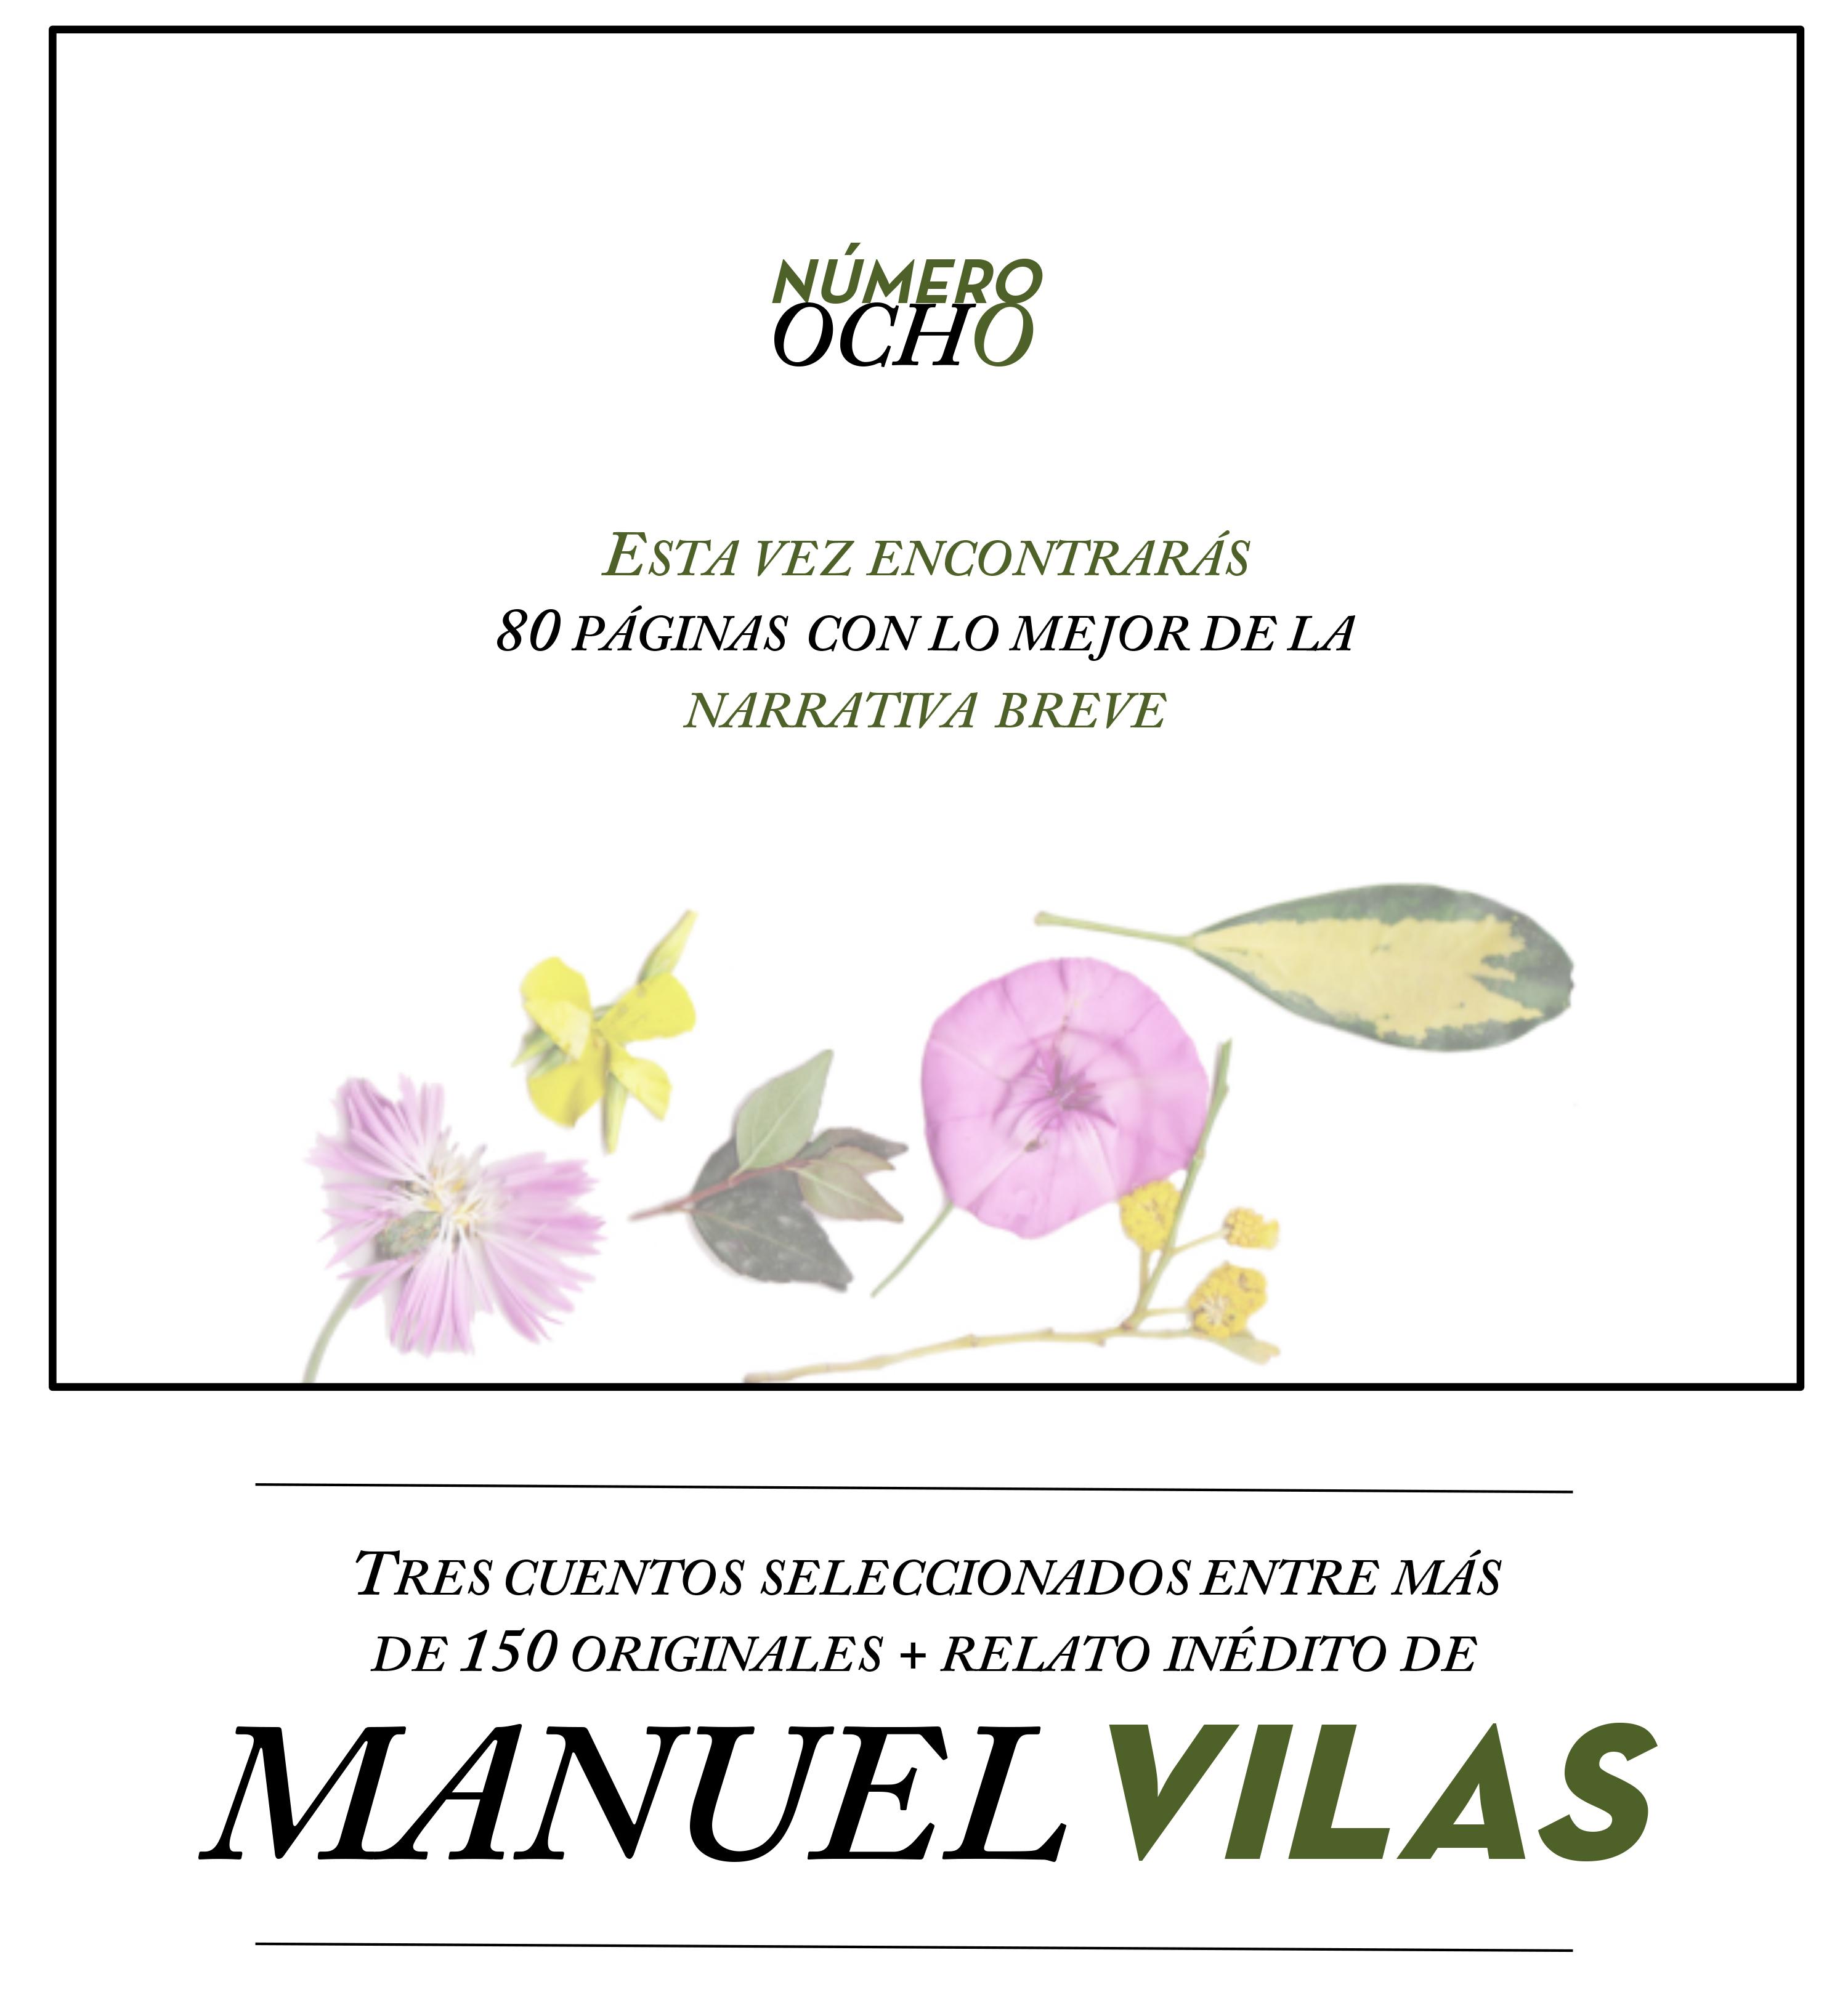 TALES. Revista de cuentos - Carmen Martín Gaite - Manuel Vilas - John Cheever - Antonio Ortuño. La revista del cuento.